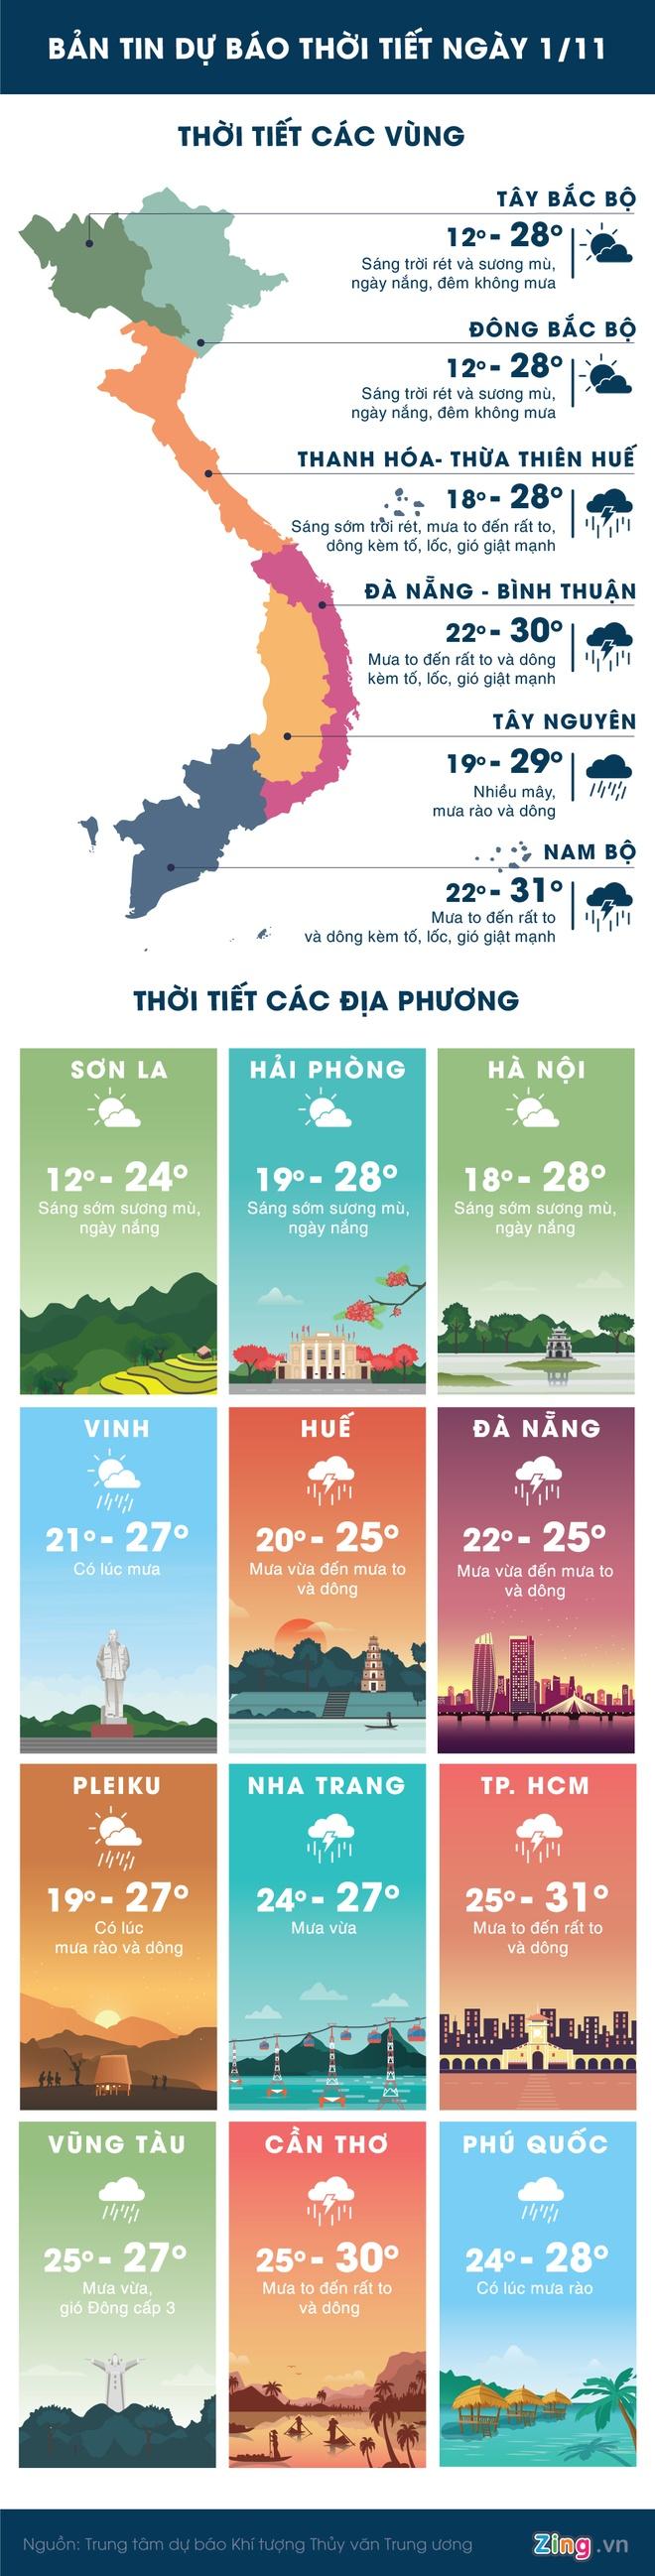 Mua lon va trieu cuong co the lam nuoc dang 4,5 m o ven bien Nam Bo hinh anh 1